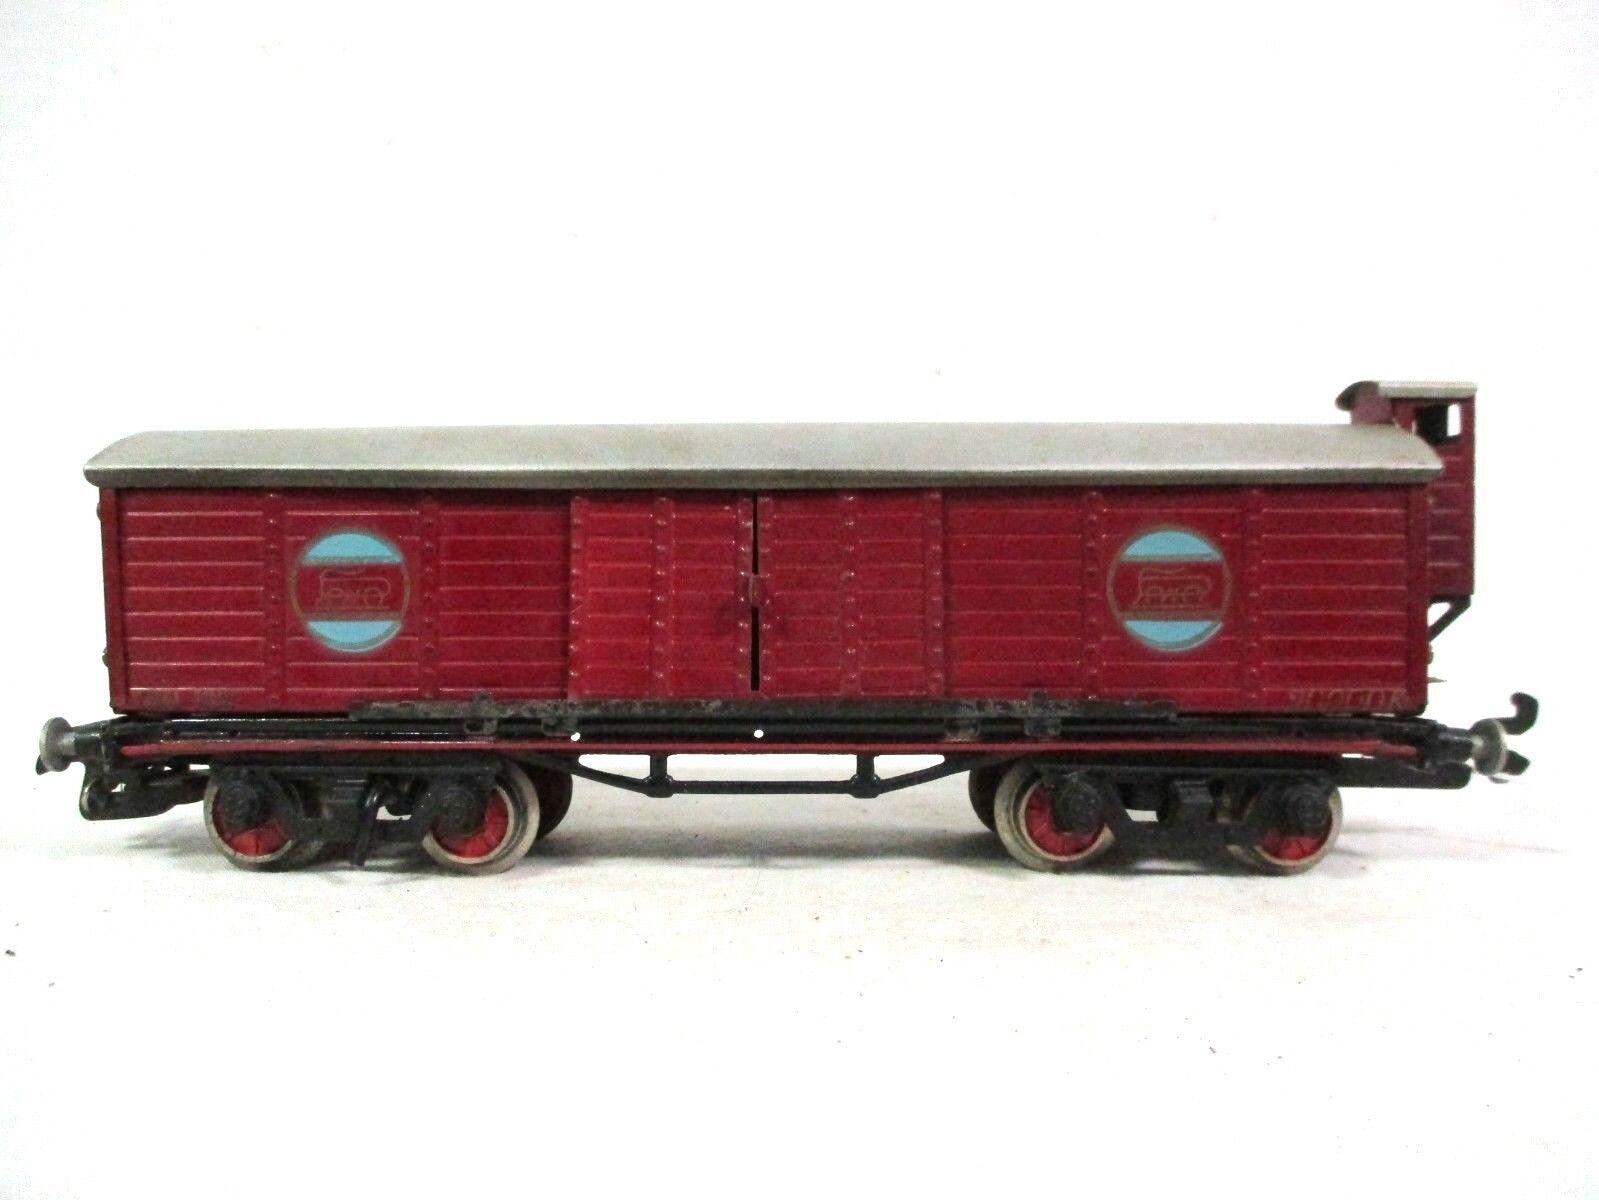 Paya PH 1351 Box Car Spain Spanish O Gauge Freight Model Railway Train B25-1